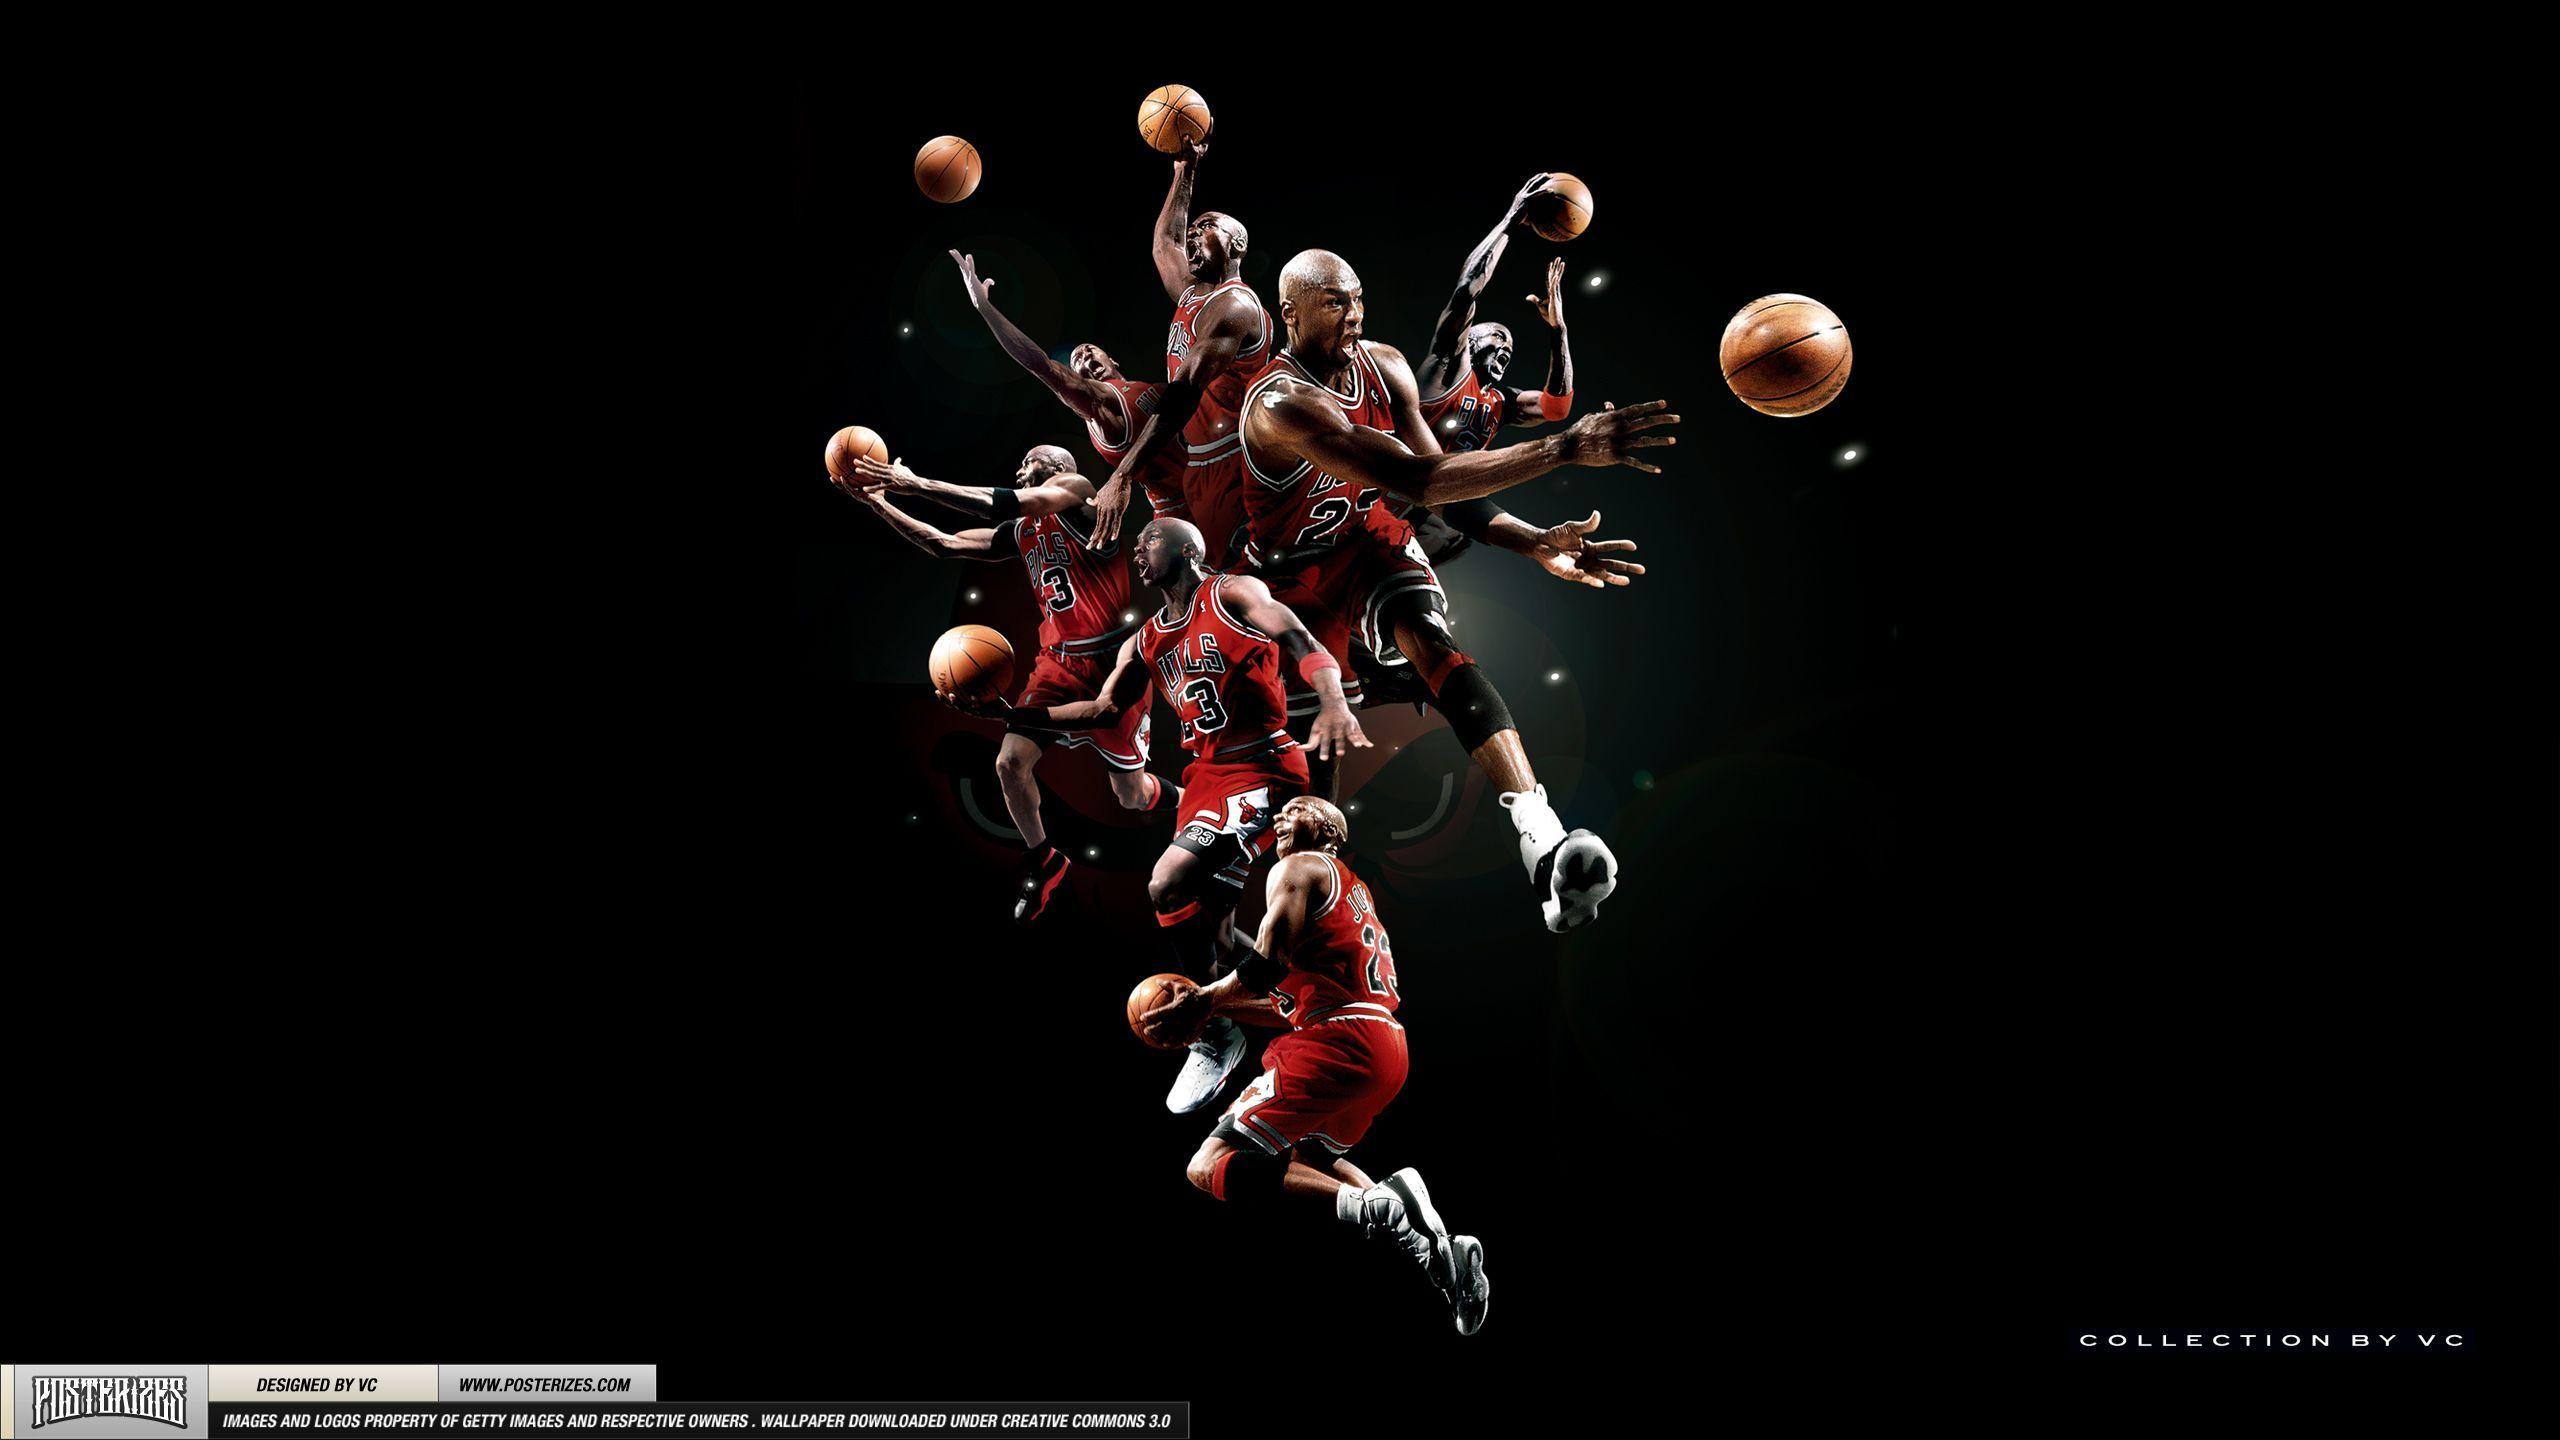 His Airness - Michael Jordan